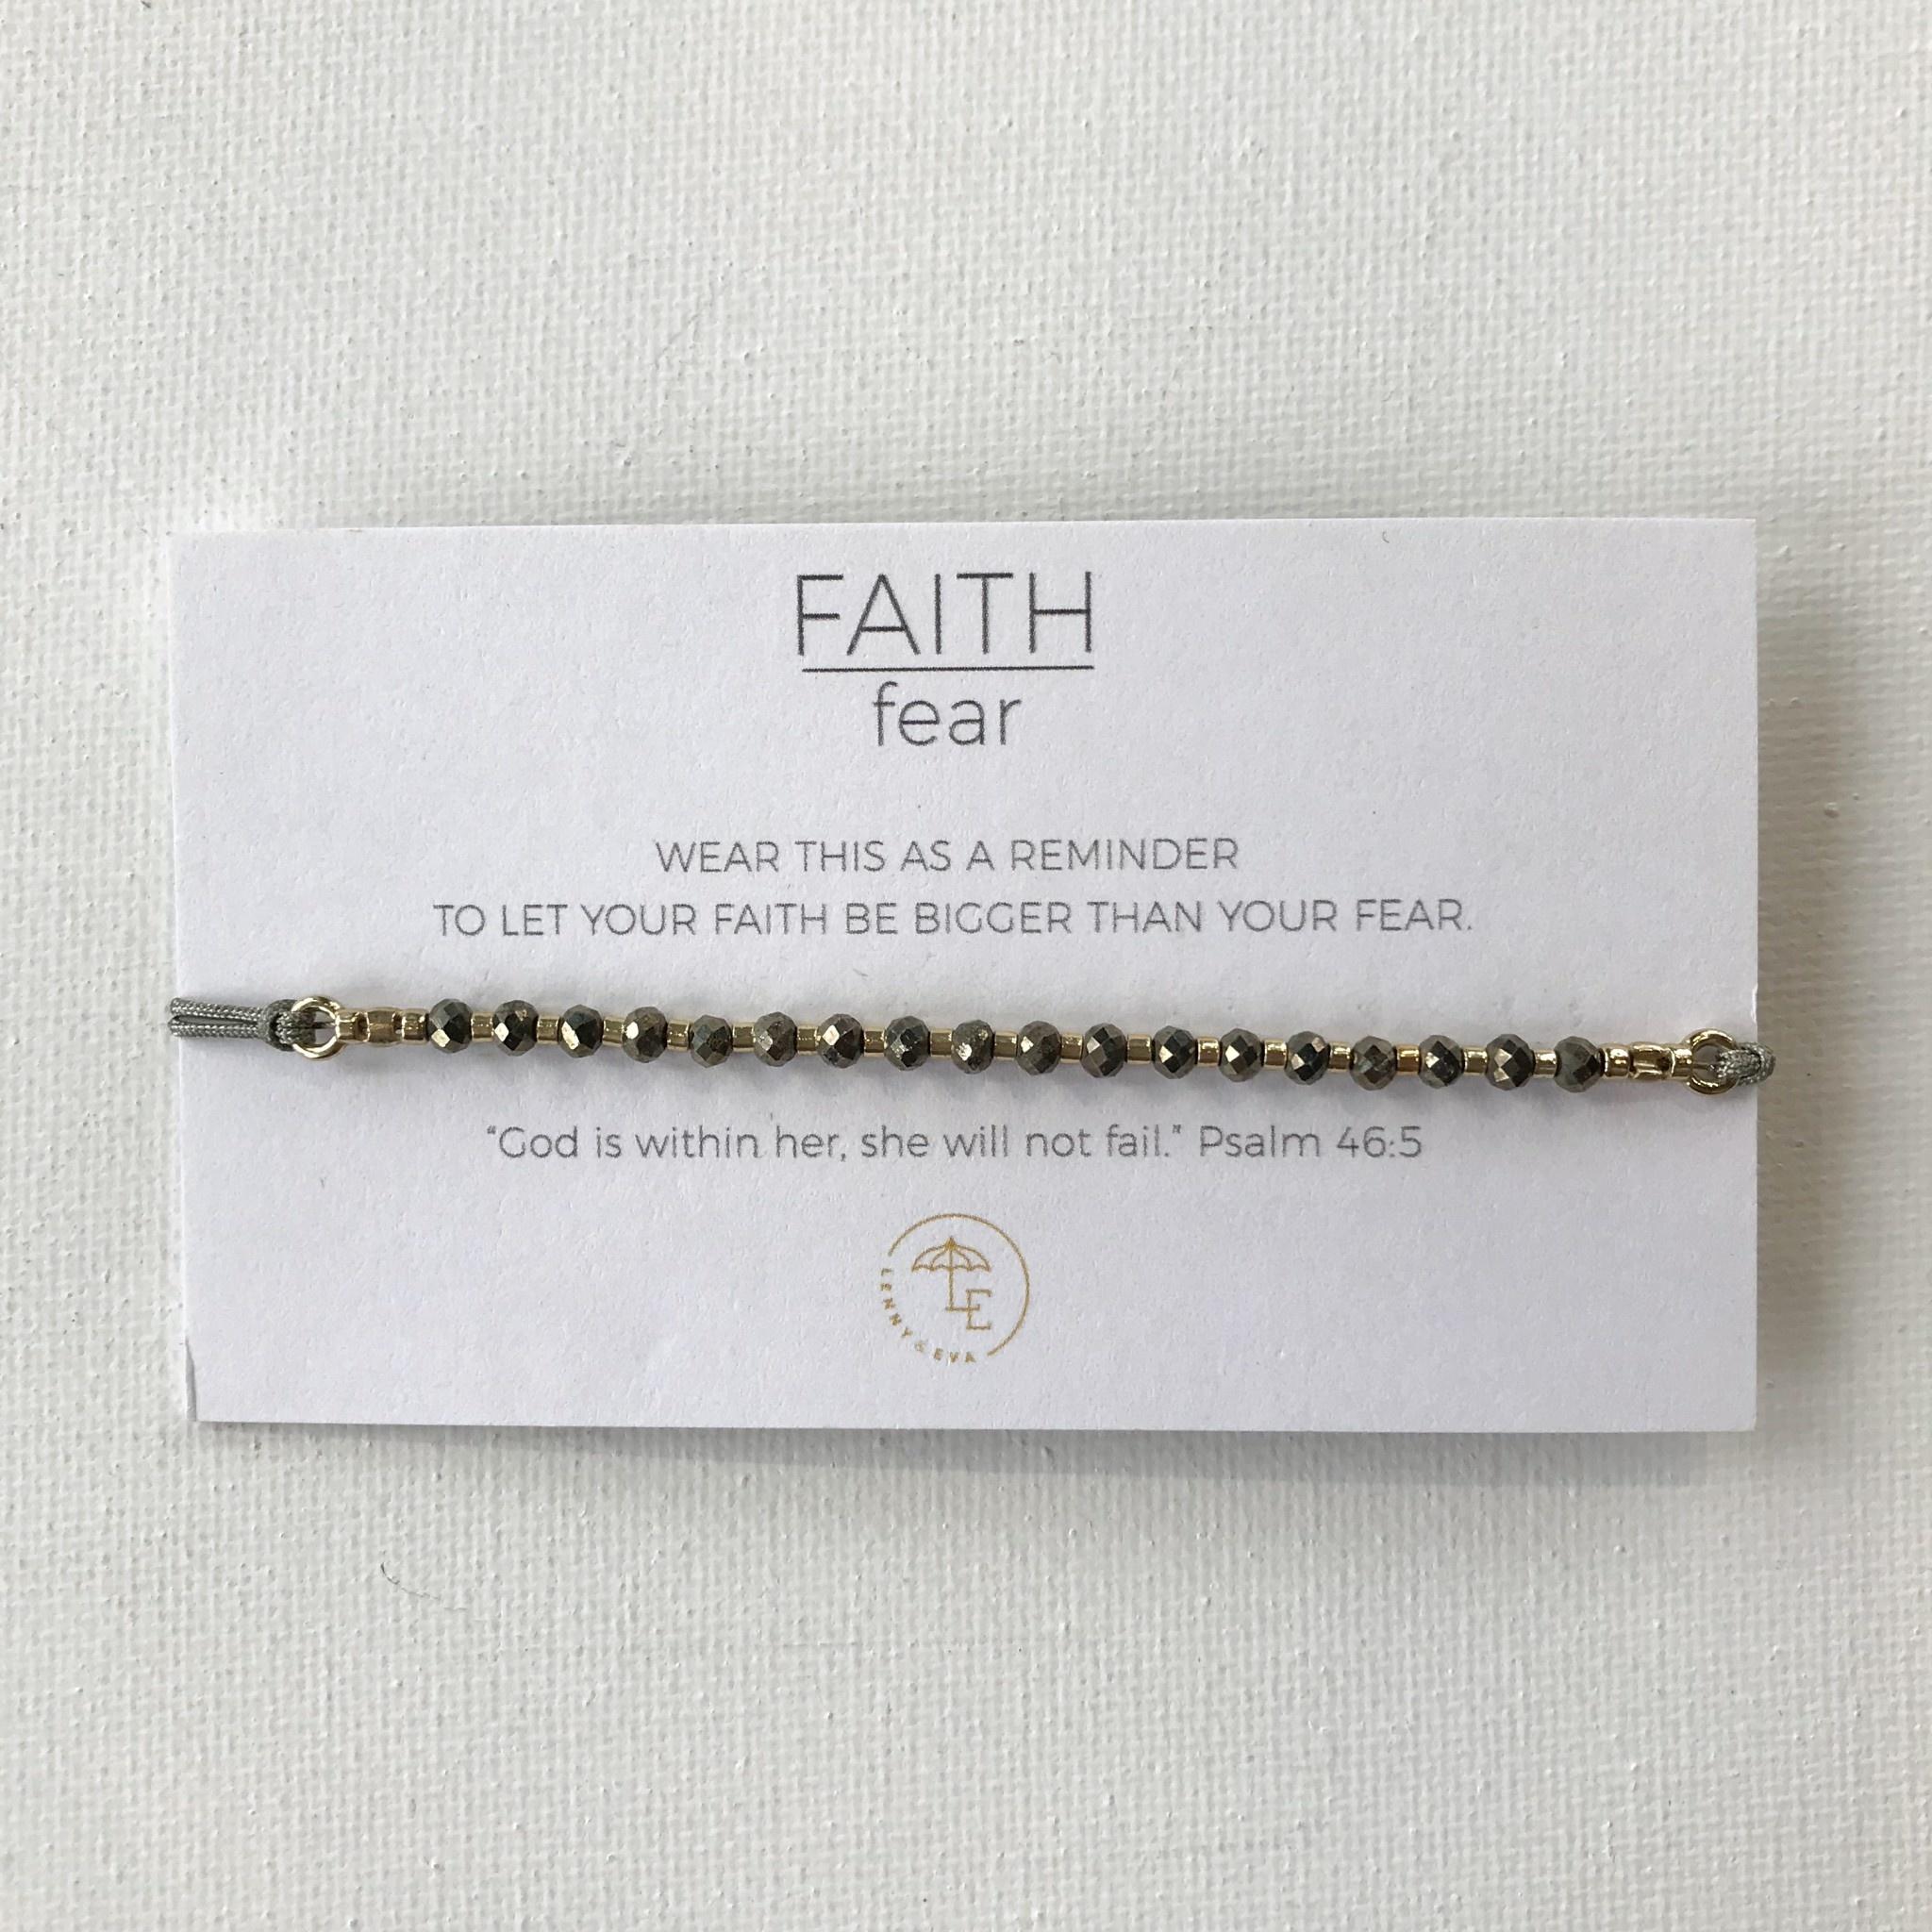 Lenny & Eva Faith over Fear Gemstone Bracelet More Colors